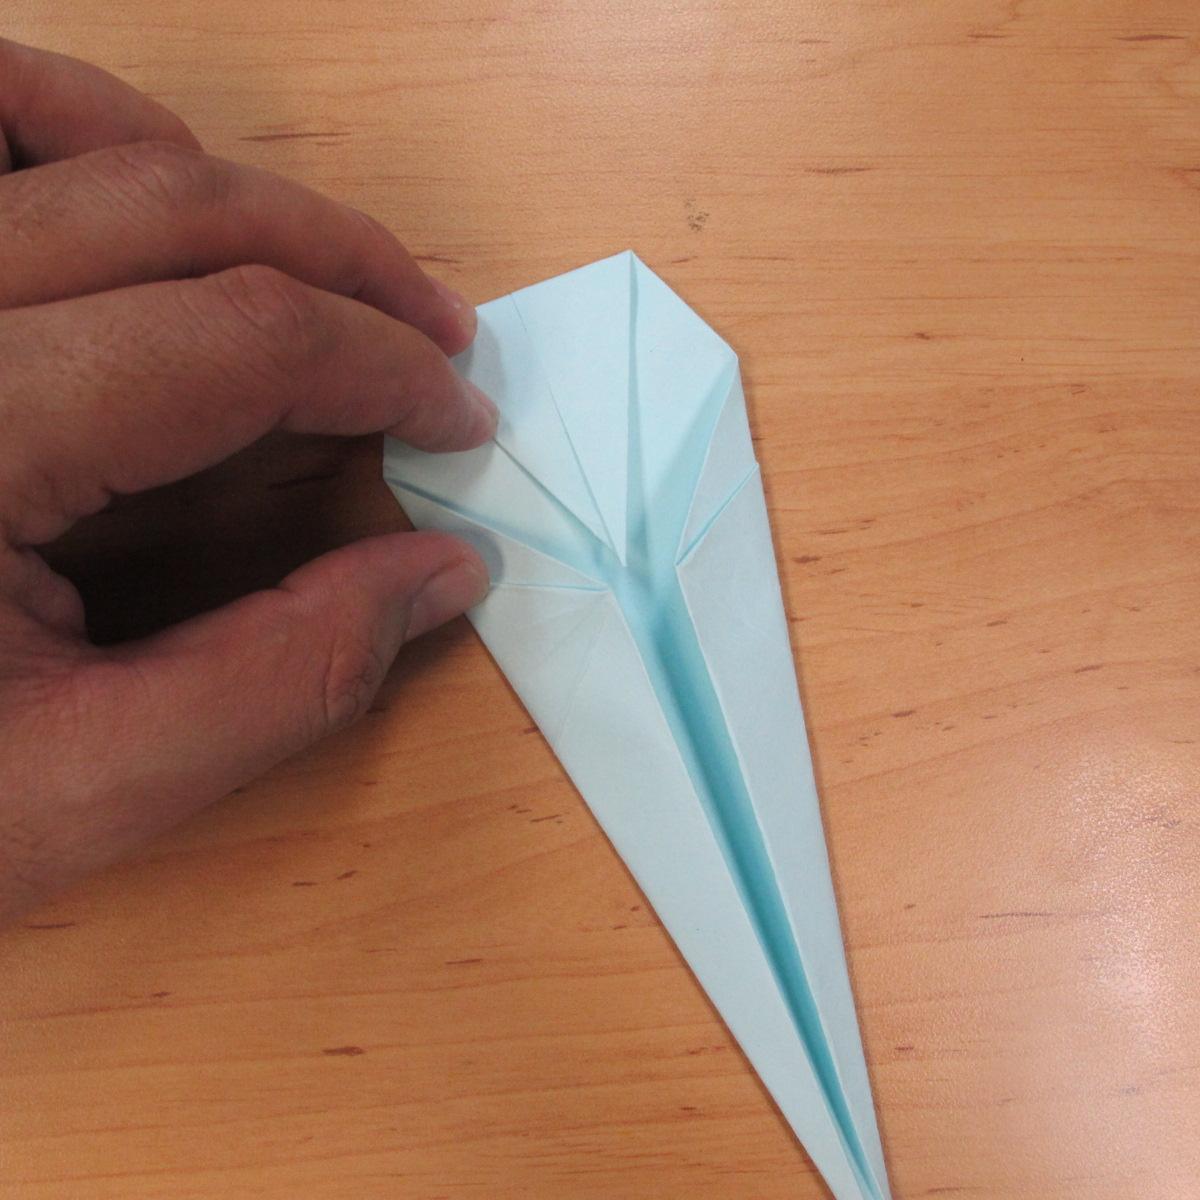 วิธีพับกระดาษเป็นรูปผีน้อย 010